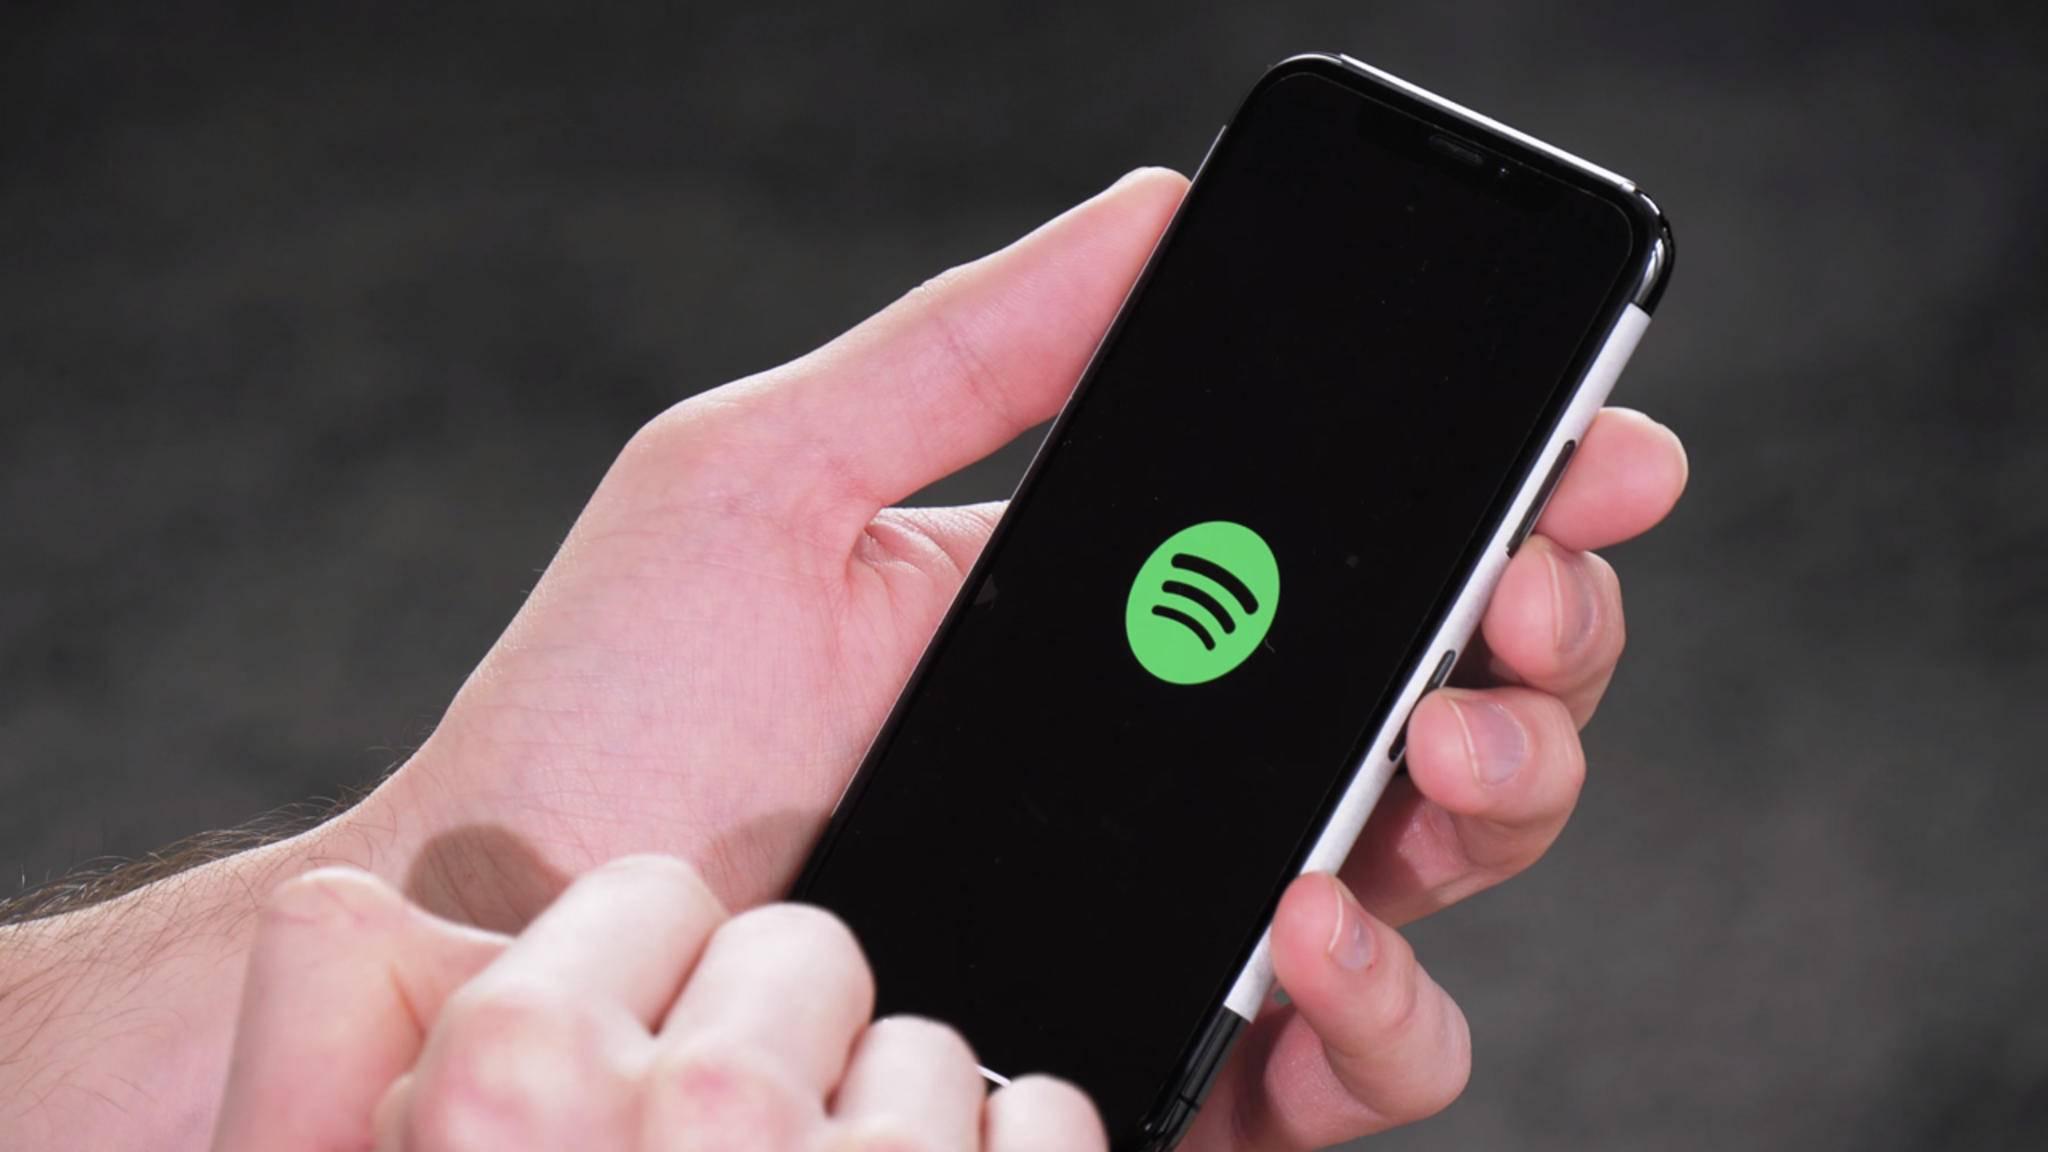 Kein Netz? Kein Problem dank Spotifys Offline-Feature.